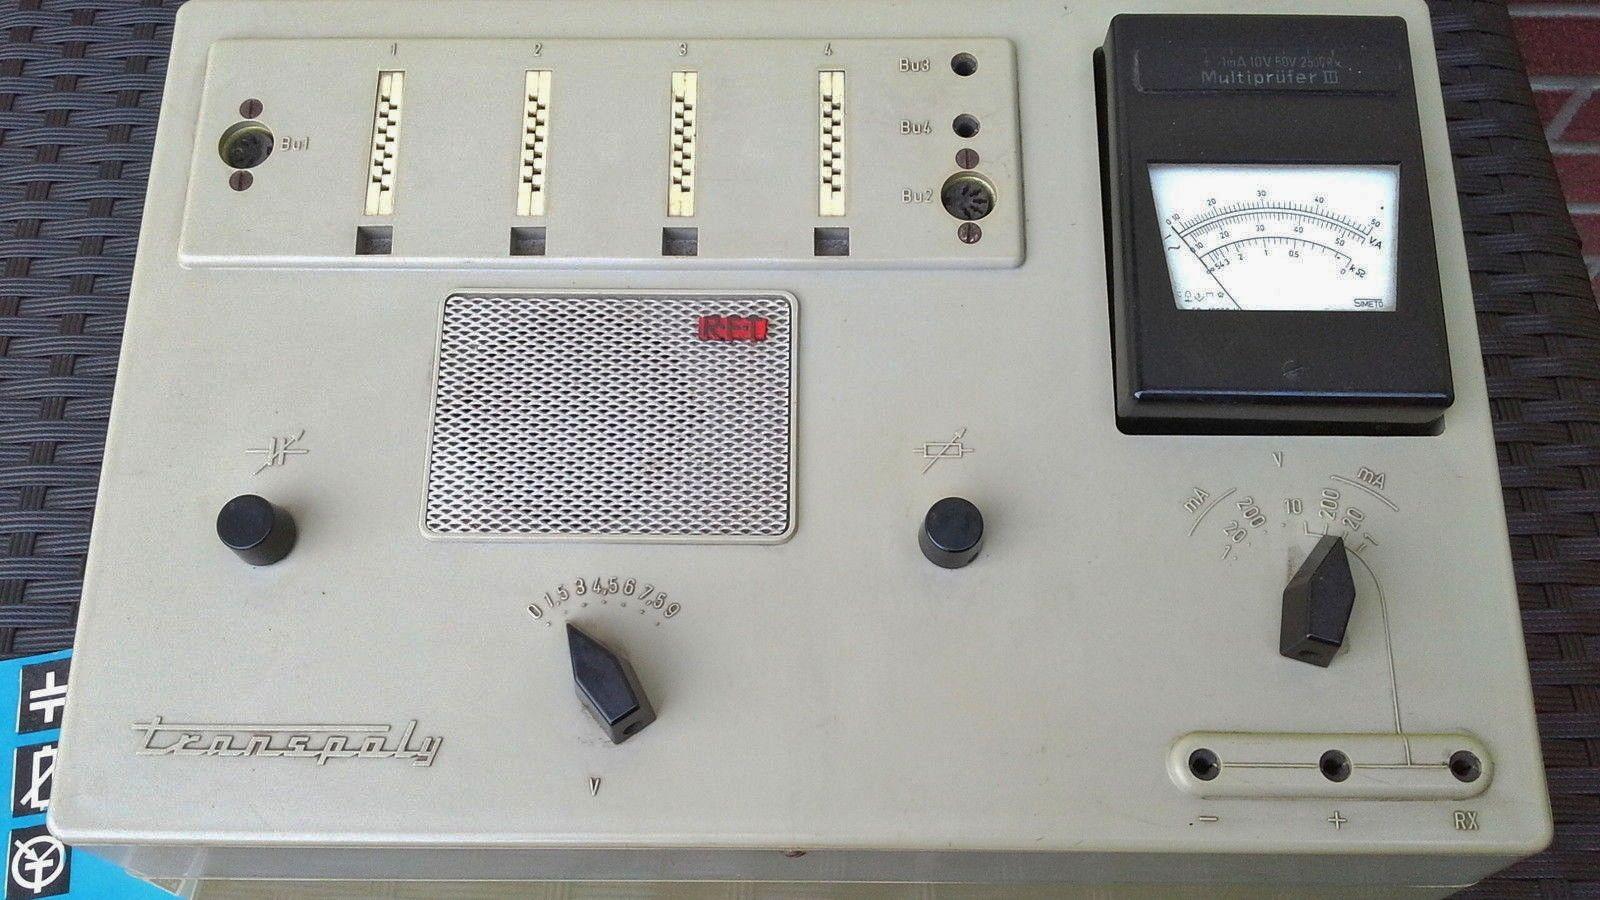 Seltener Elektronic Baukasten, 60er Jahre.